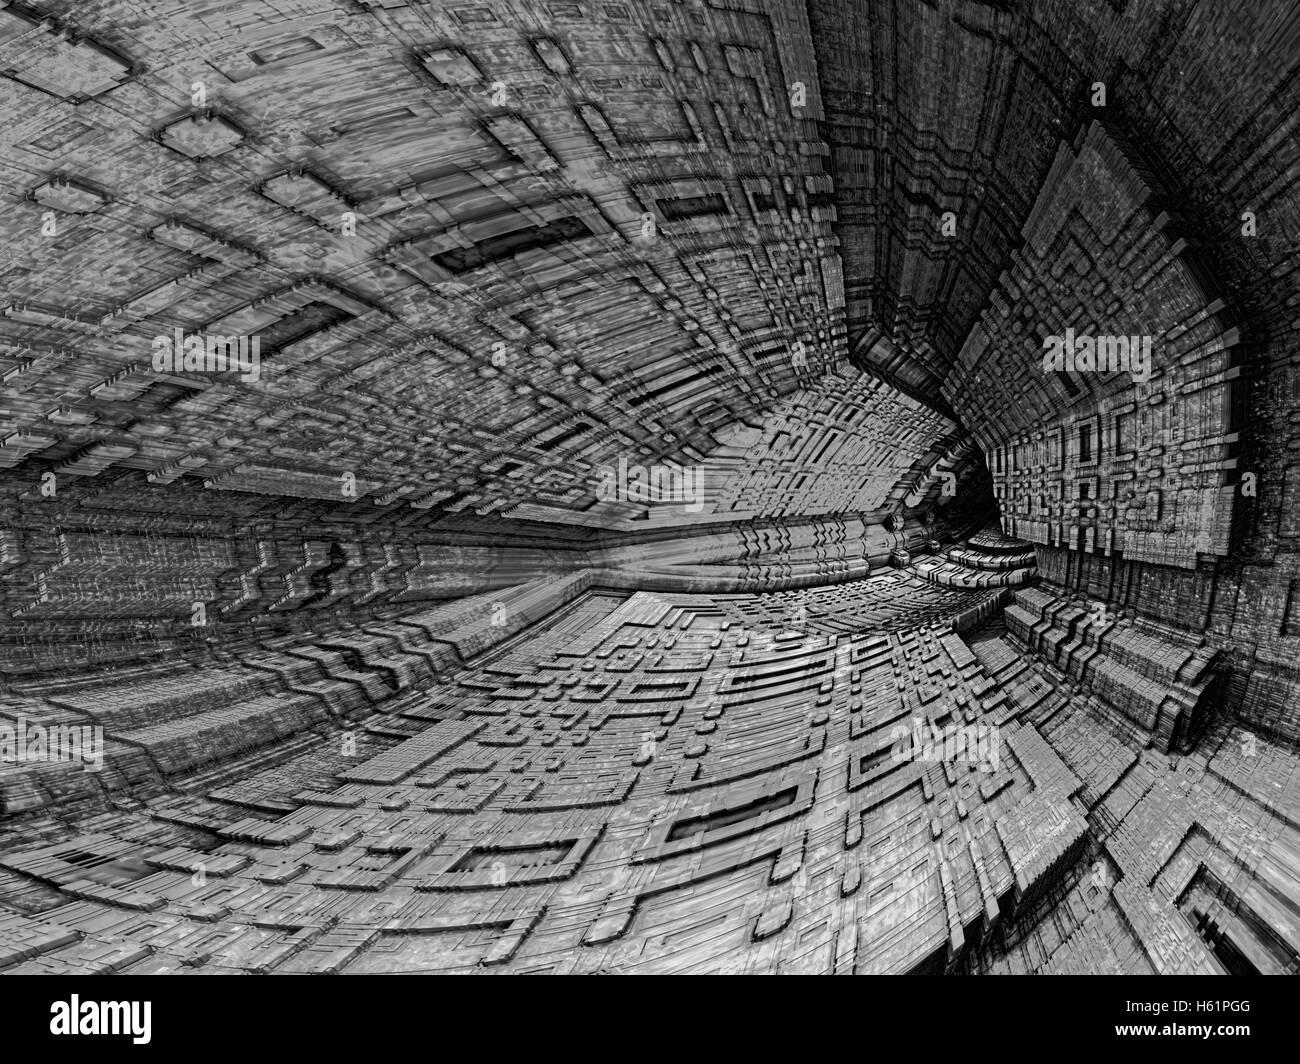 Dunklen Höhle - abstrakt Digital erzeugte Bild Stockbild